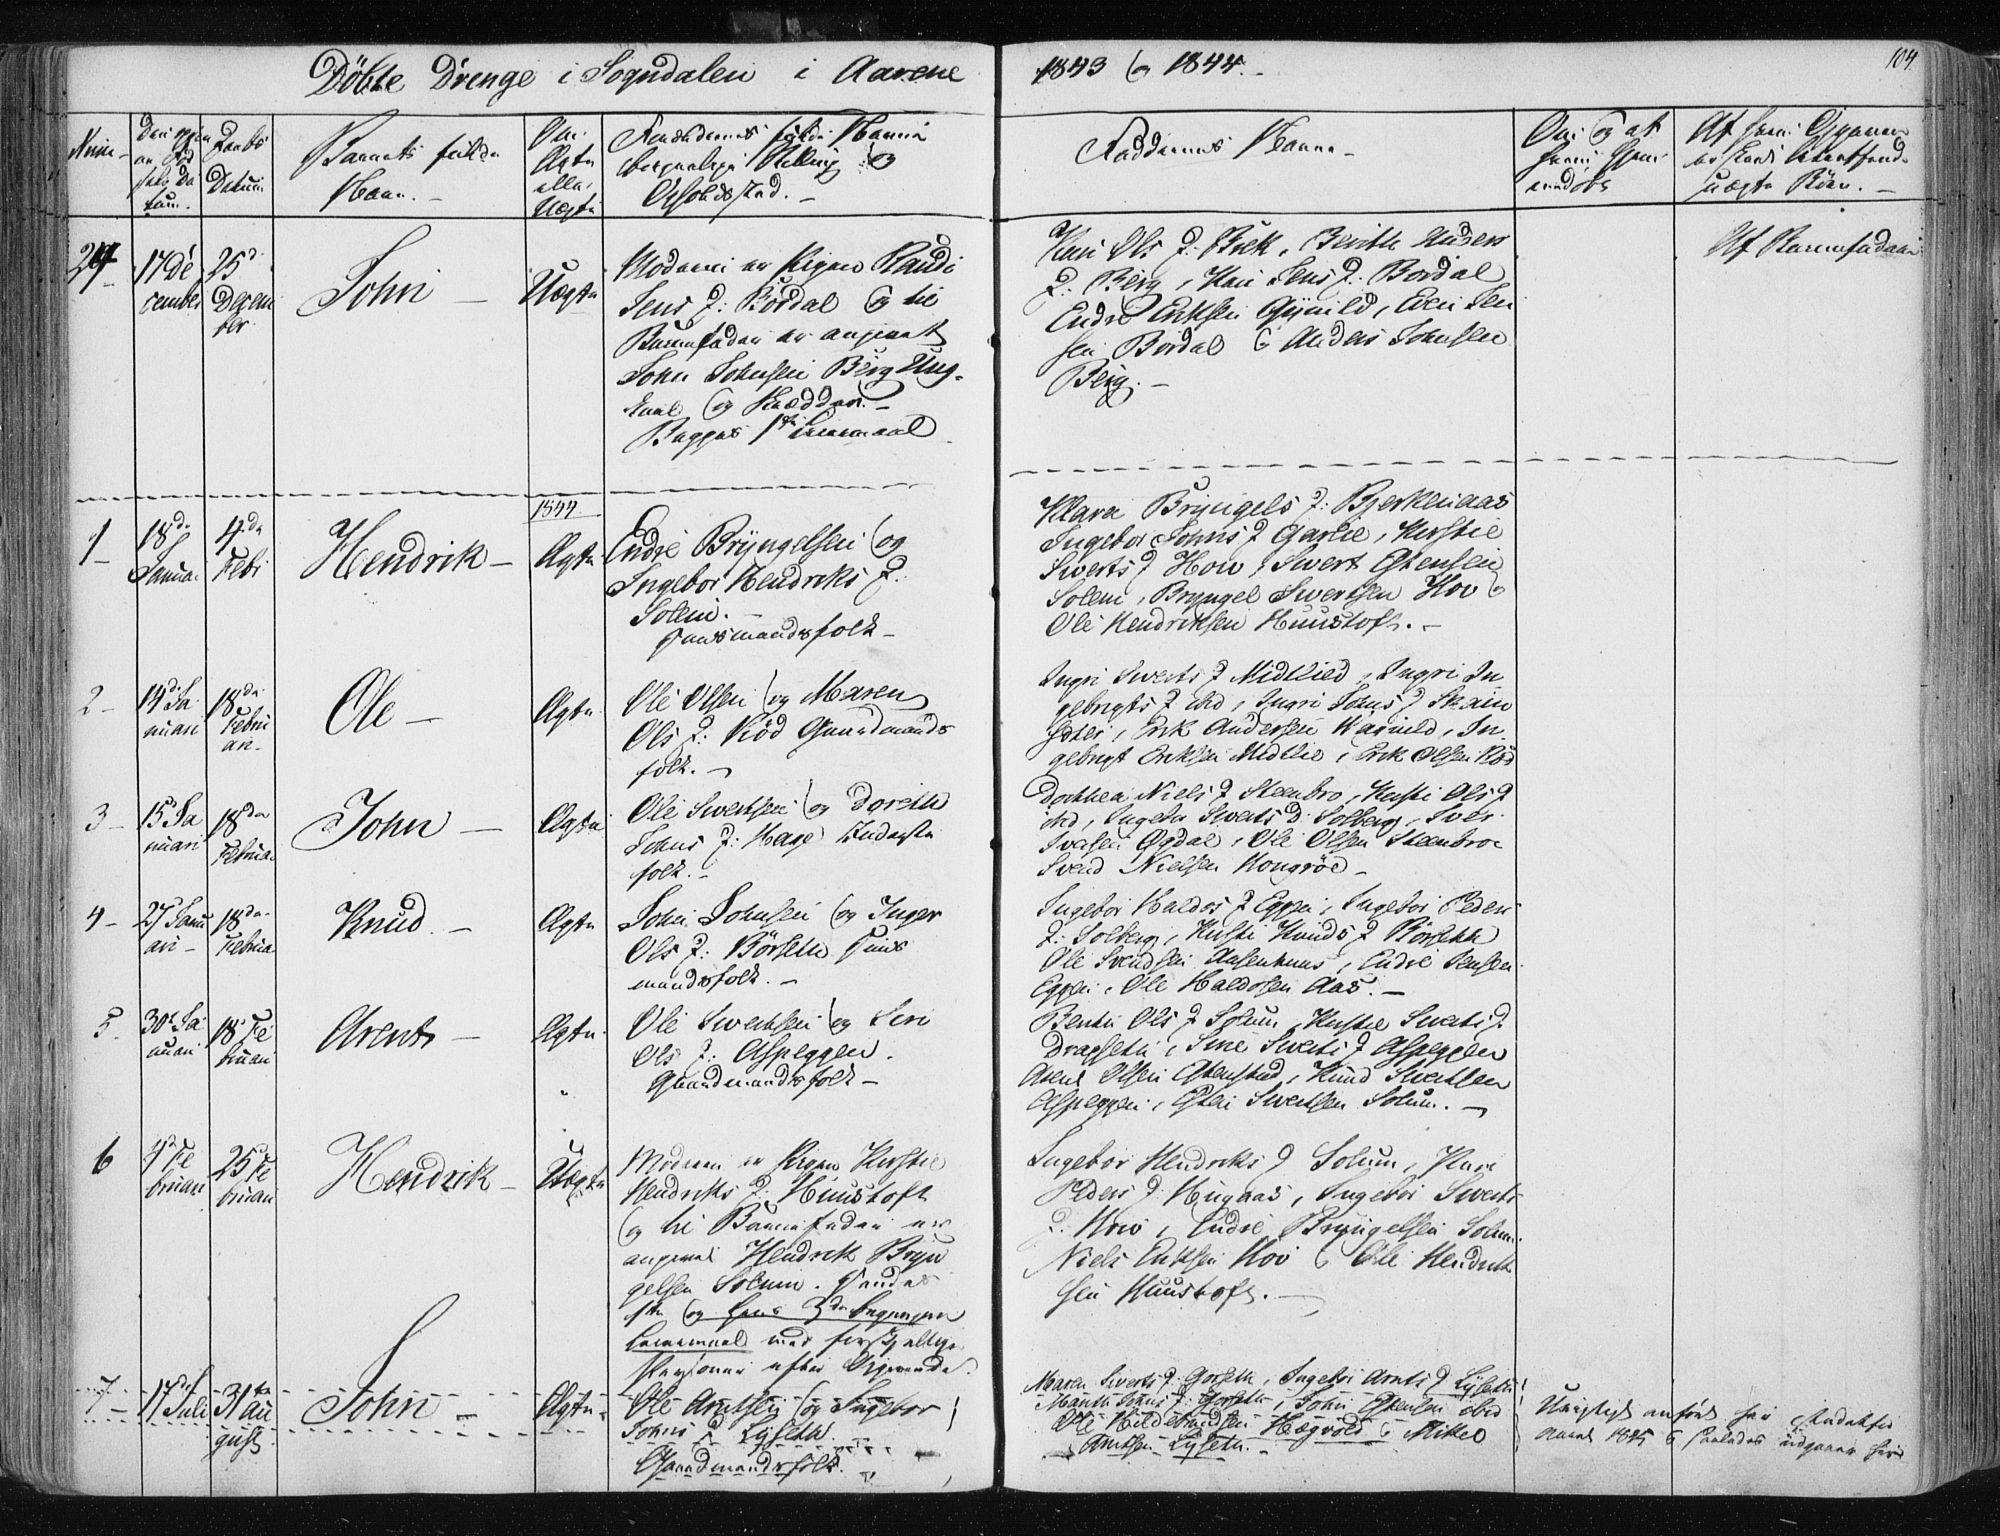 SAT, Ministerialprotokoller, klokkerbøker og fødselsregistre - Sør-Trøndelag, 687/L0999: Ministerialbok nr. 687A05 /3, 1843-1848, s. 104